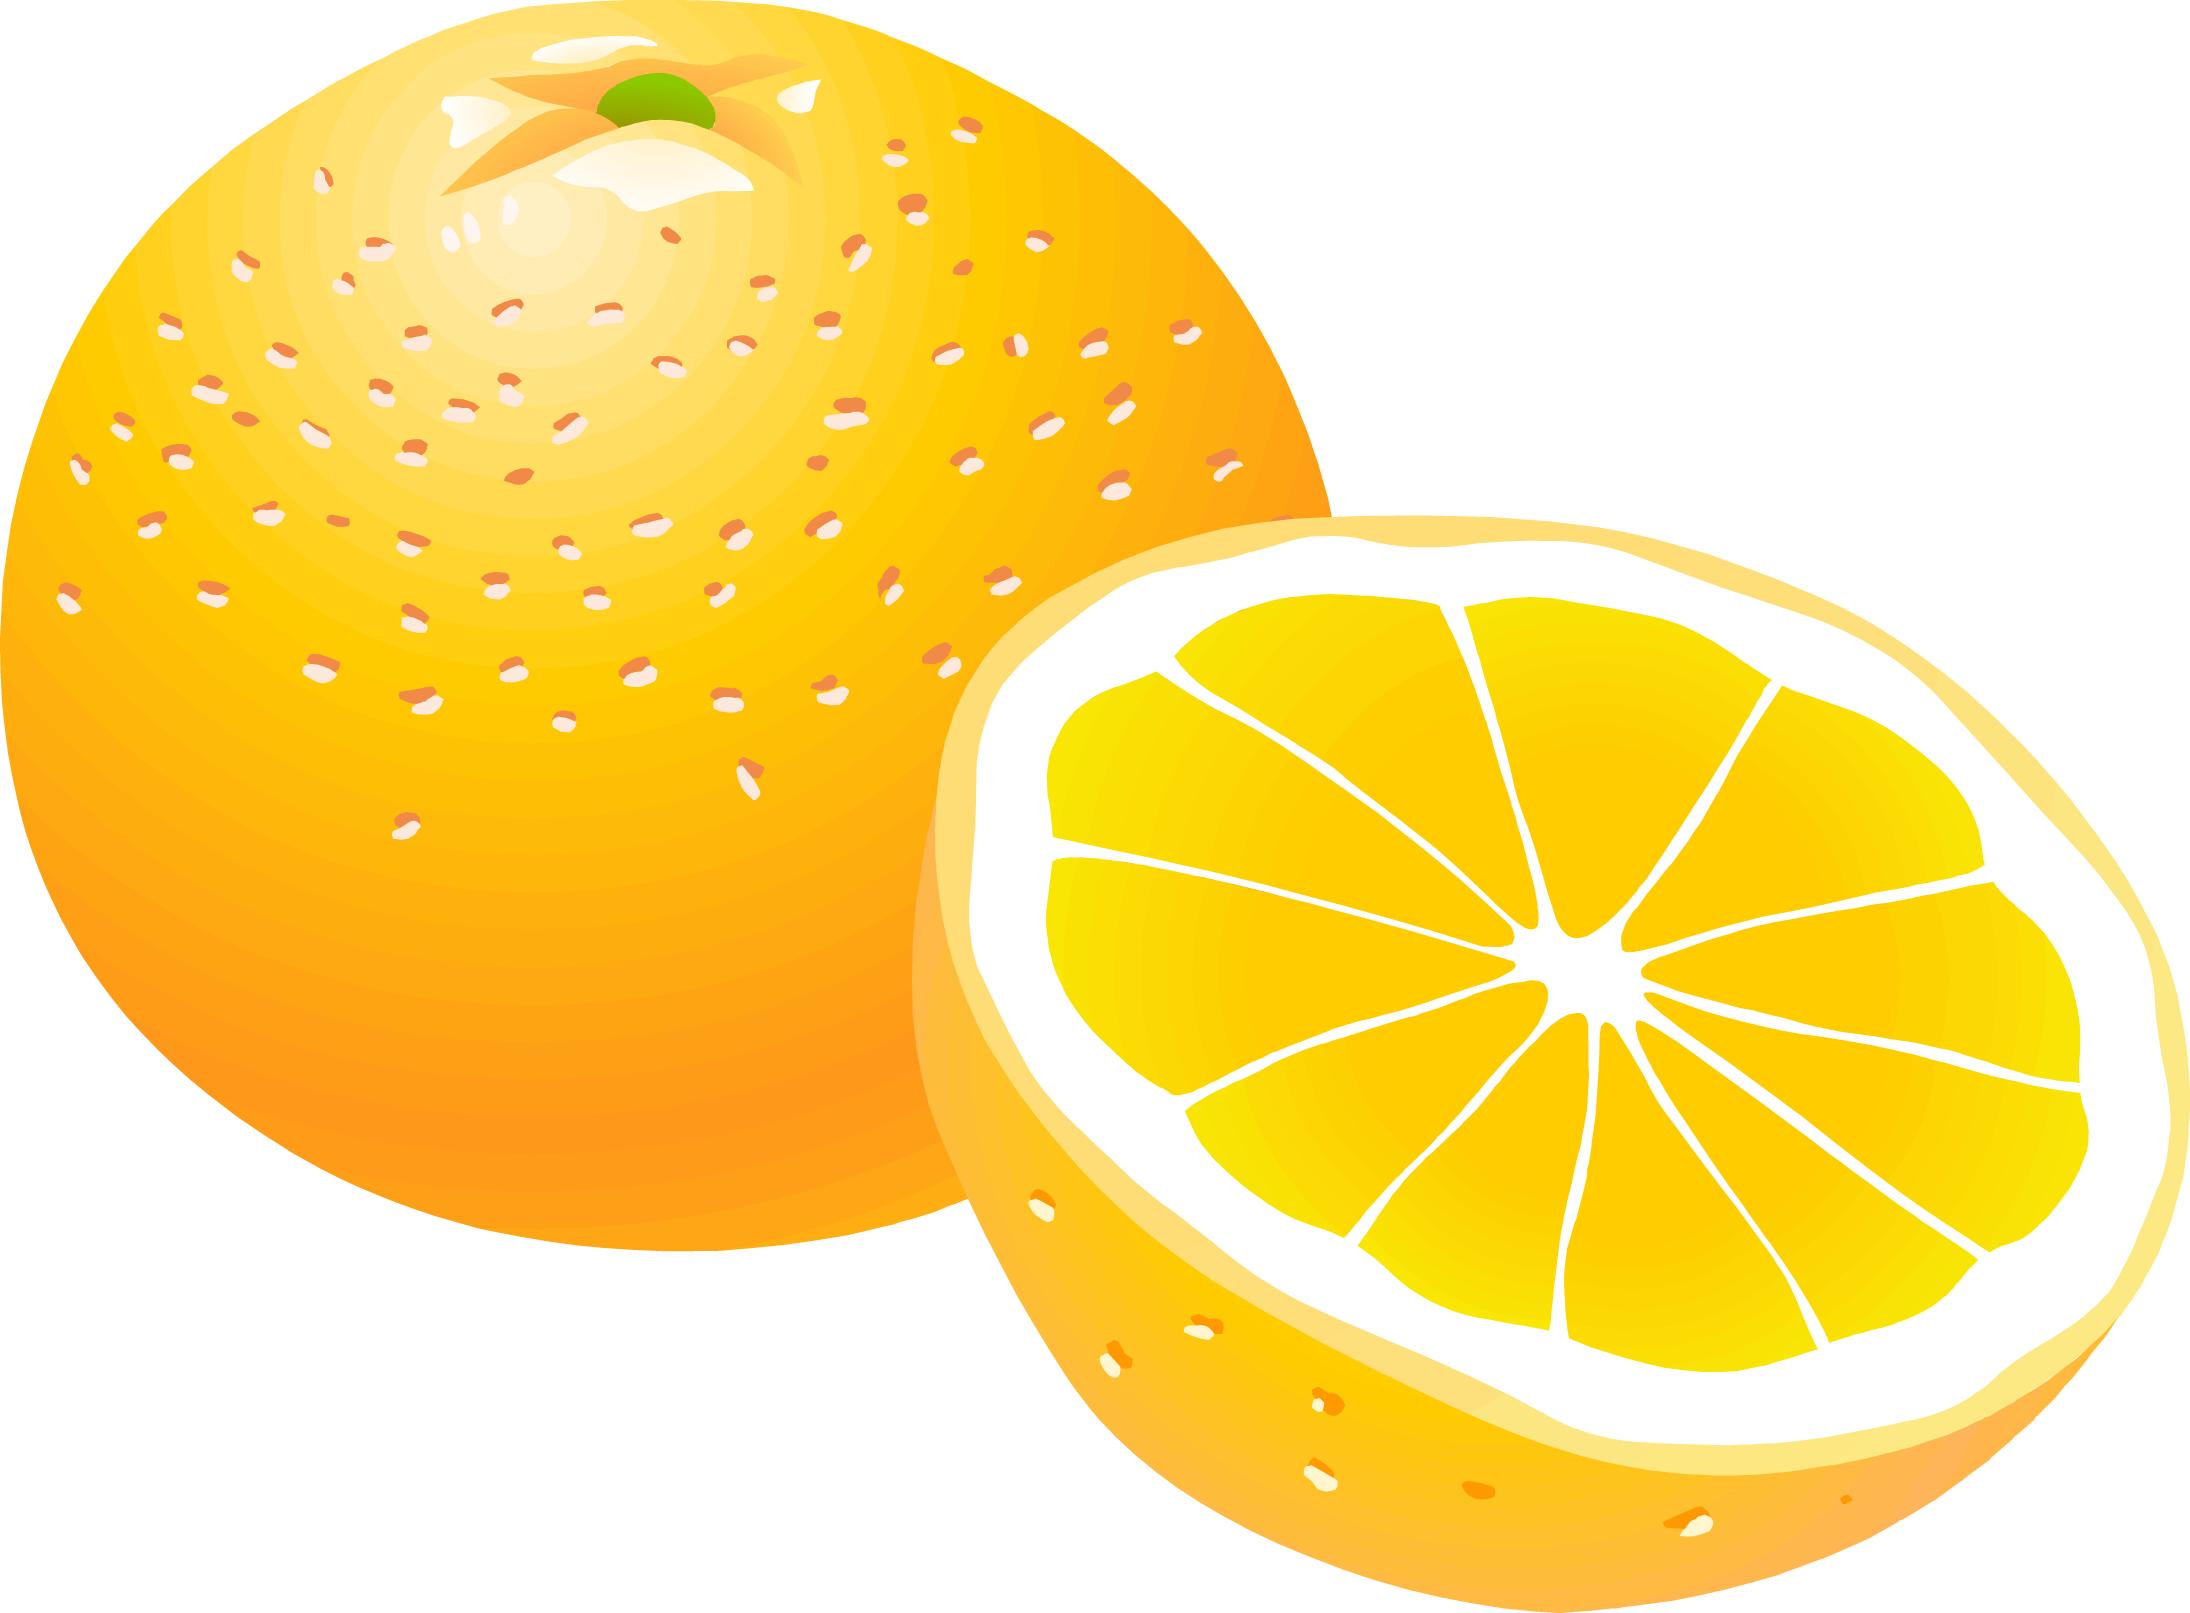 Апельсин клипарт, скачать, фото